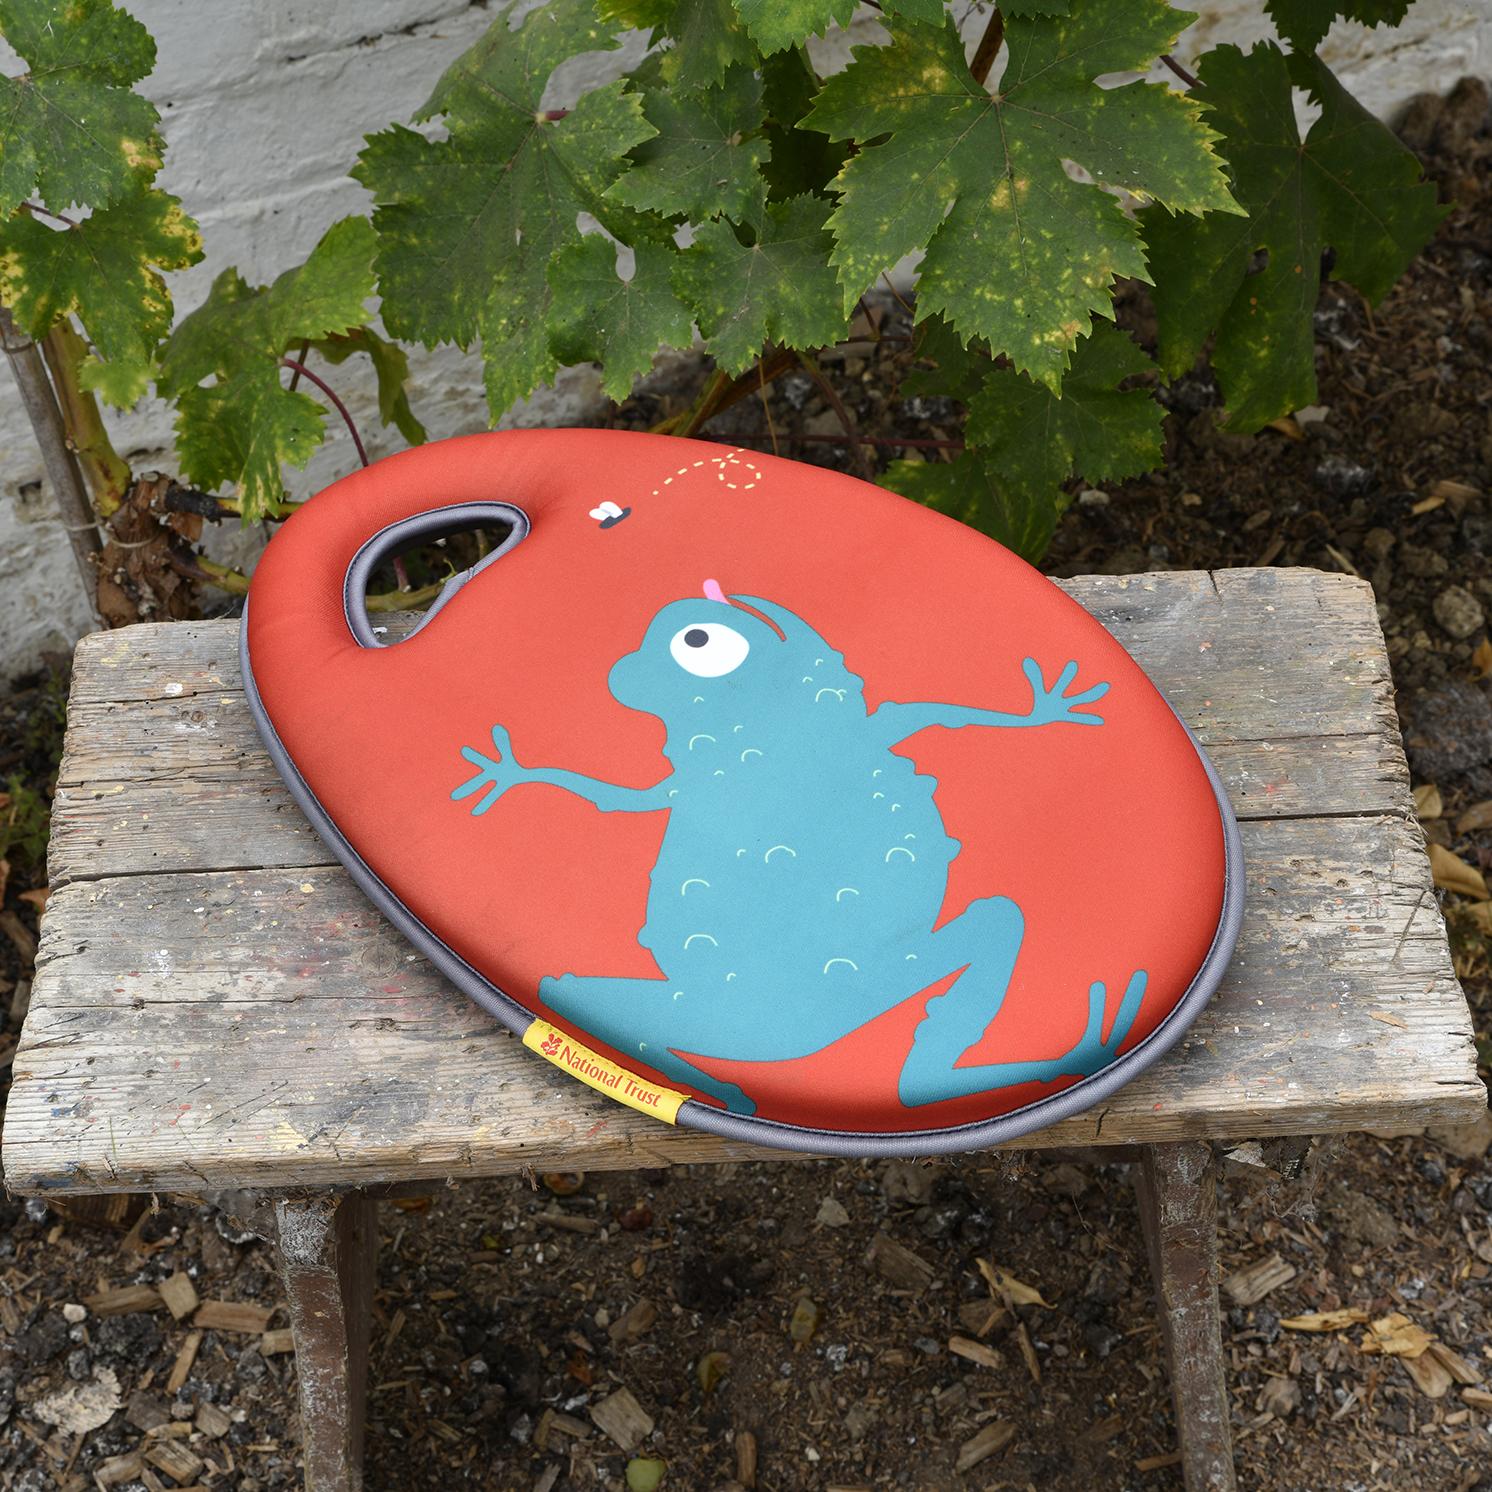 Burgon & Ball – National Trust Children's Frog Garden Kneeler with Frog Gloves